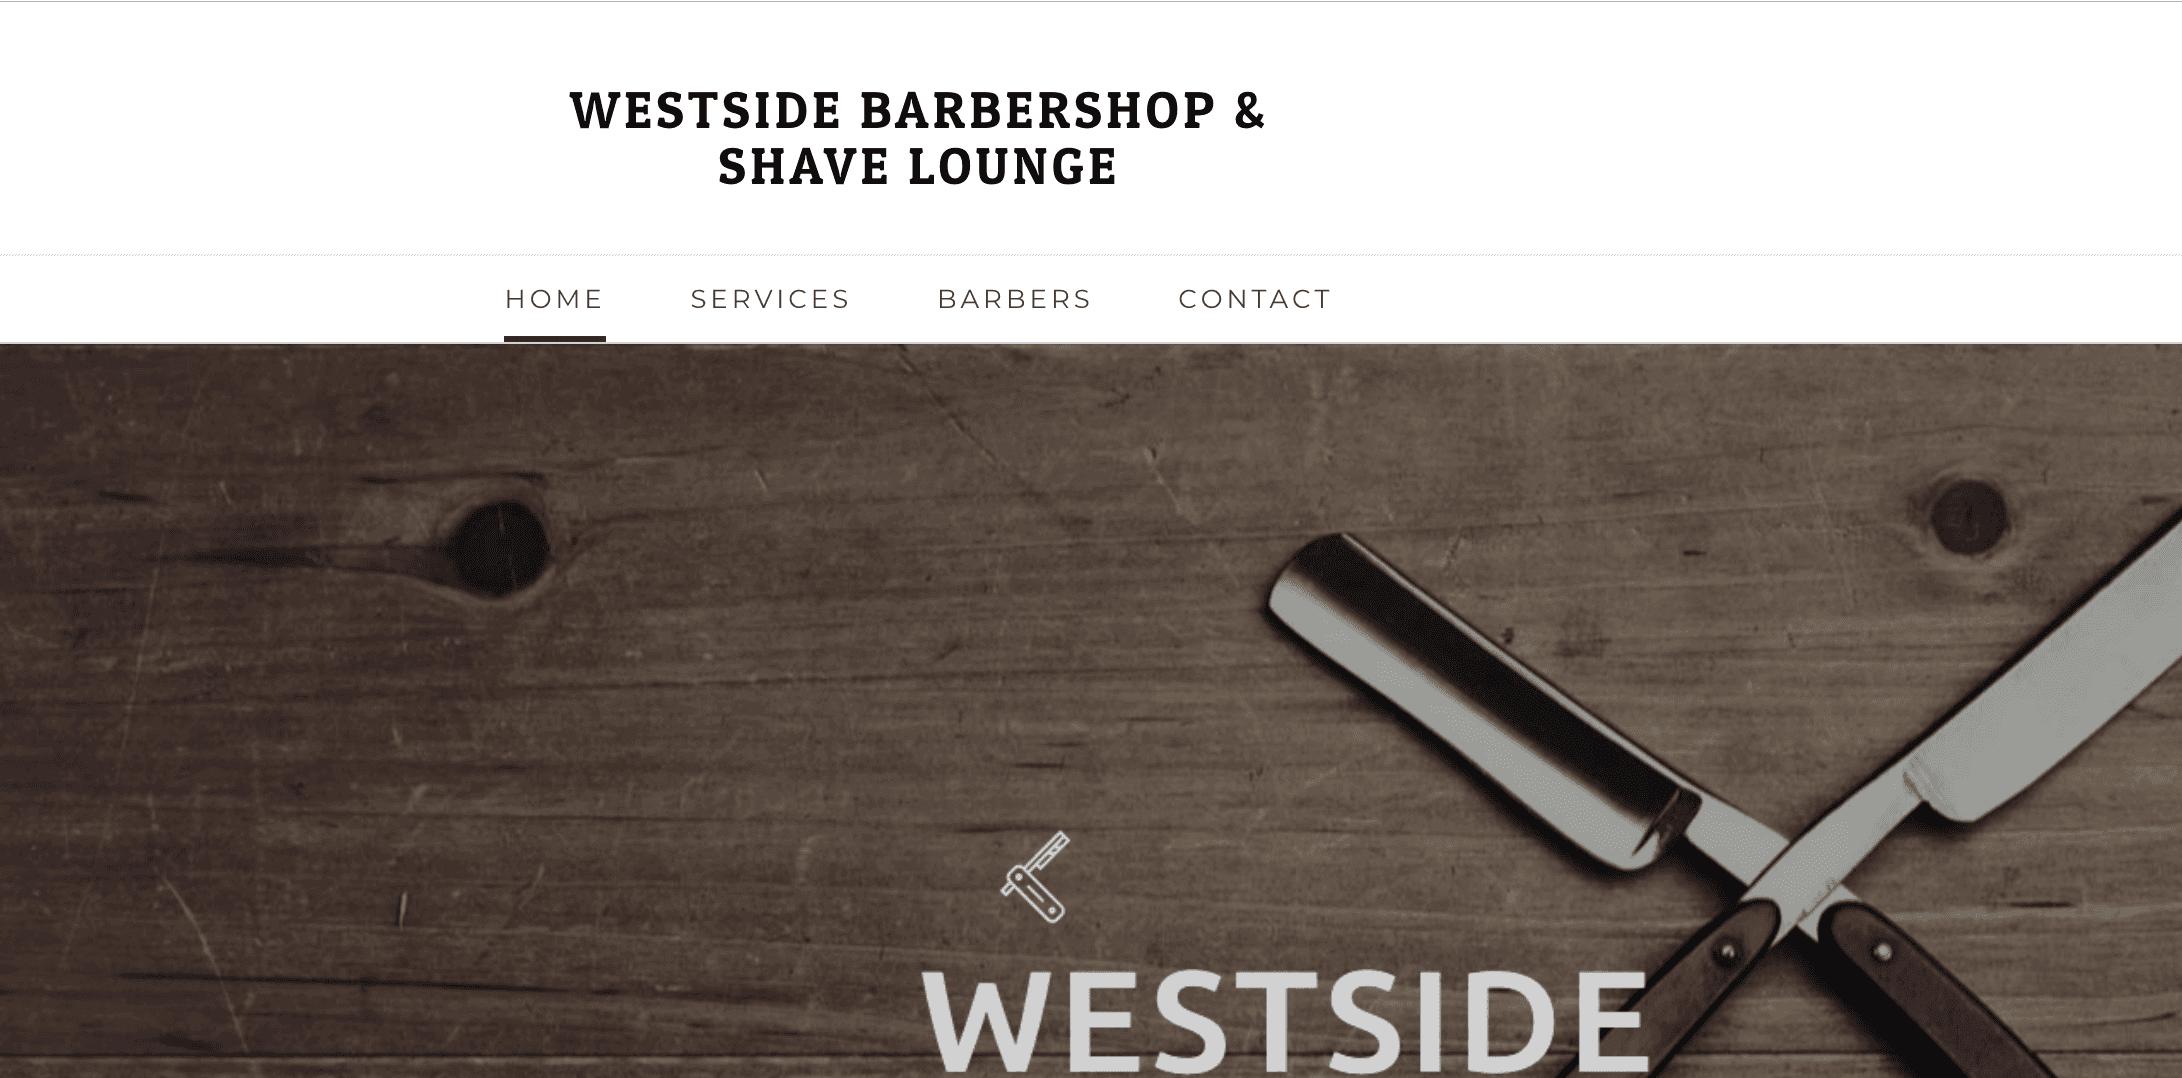 Westside Barbershop & Shave Lounge